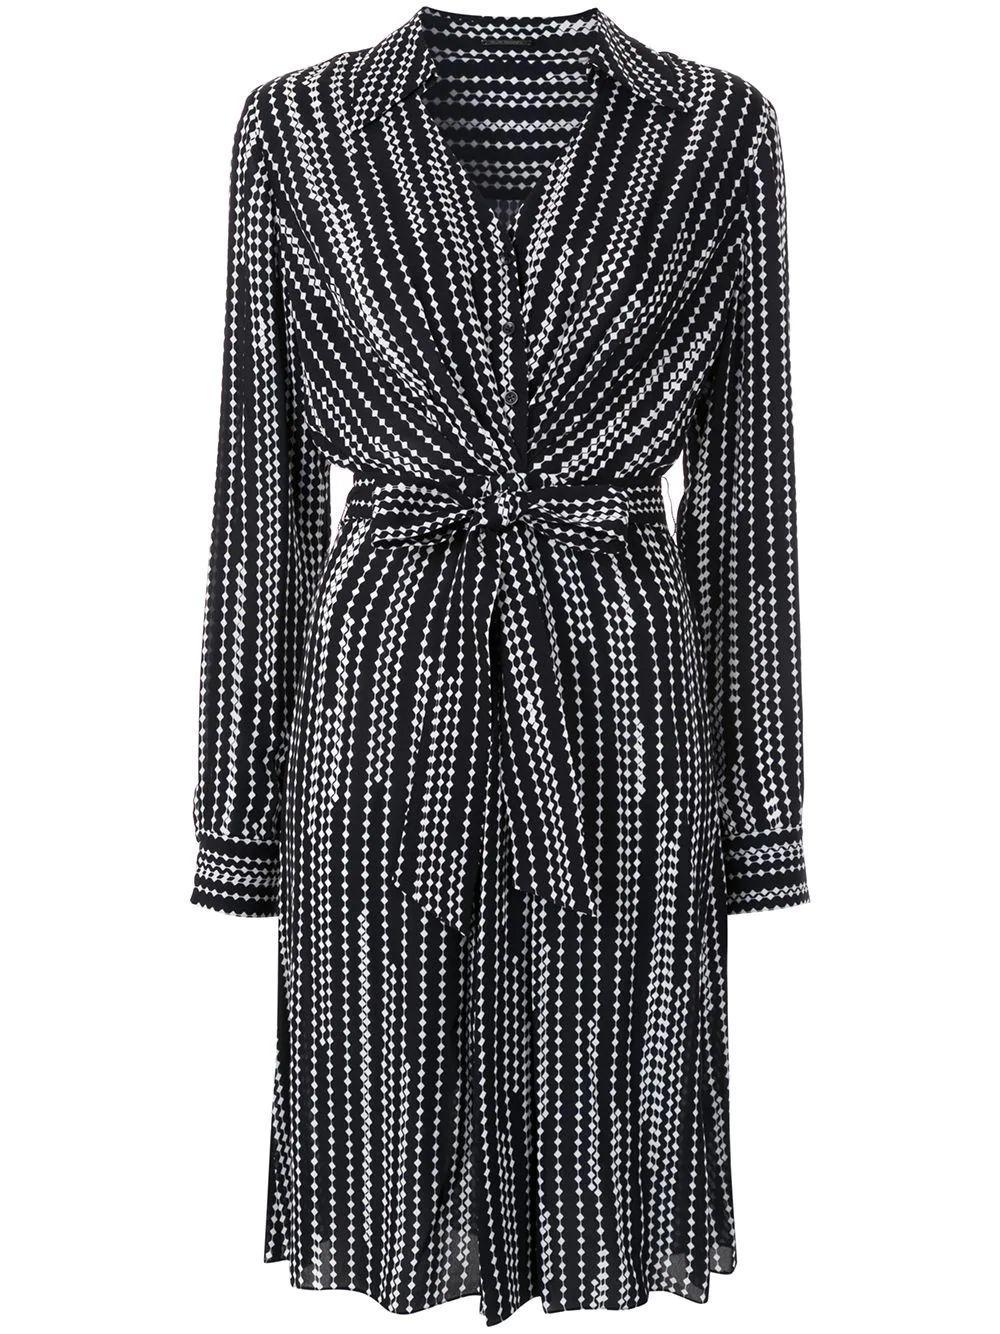 Saxon Belted Dress Item # EN04J609